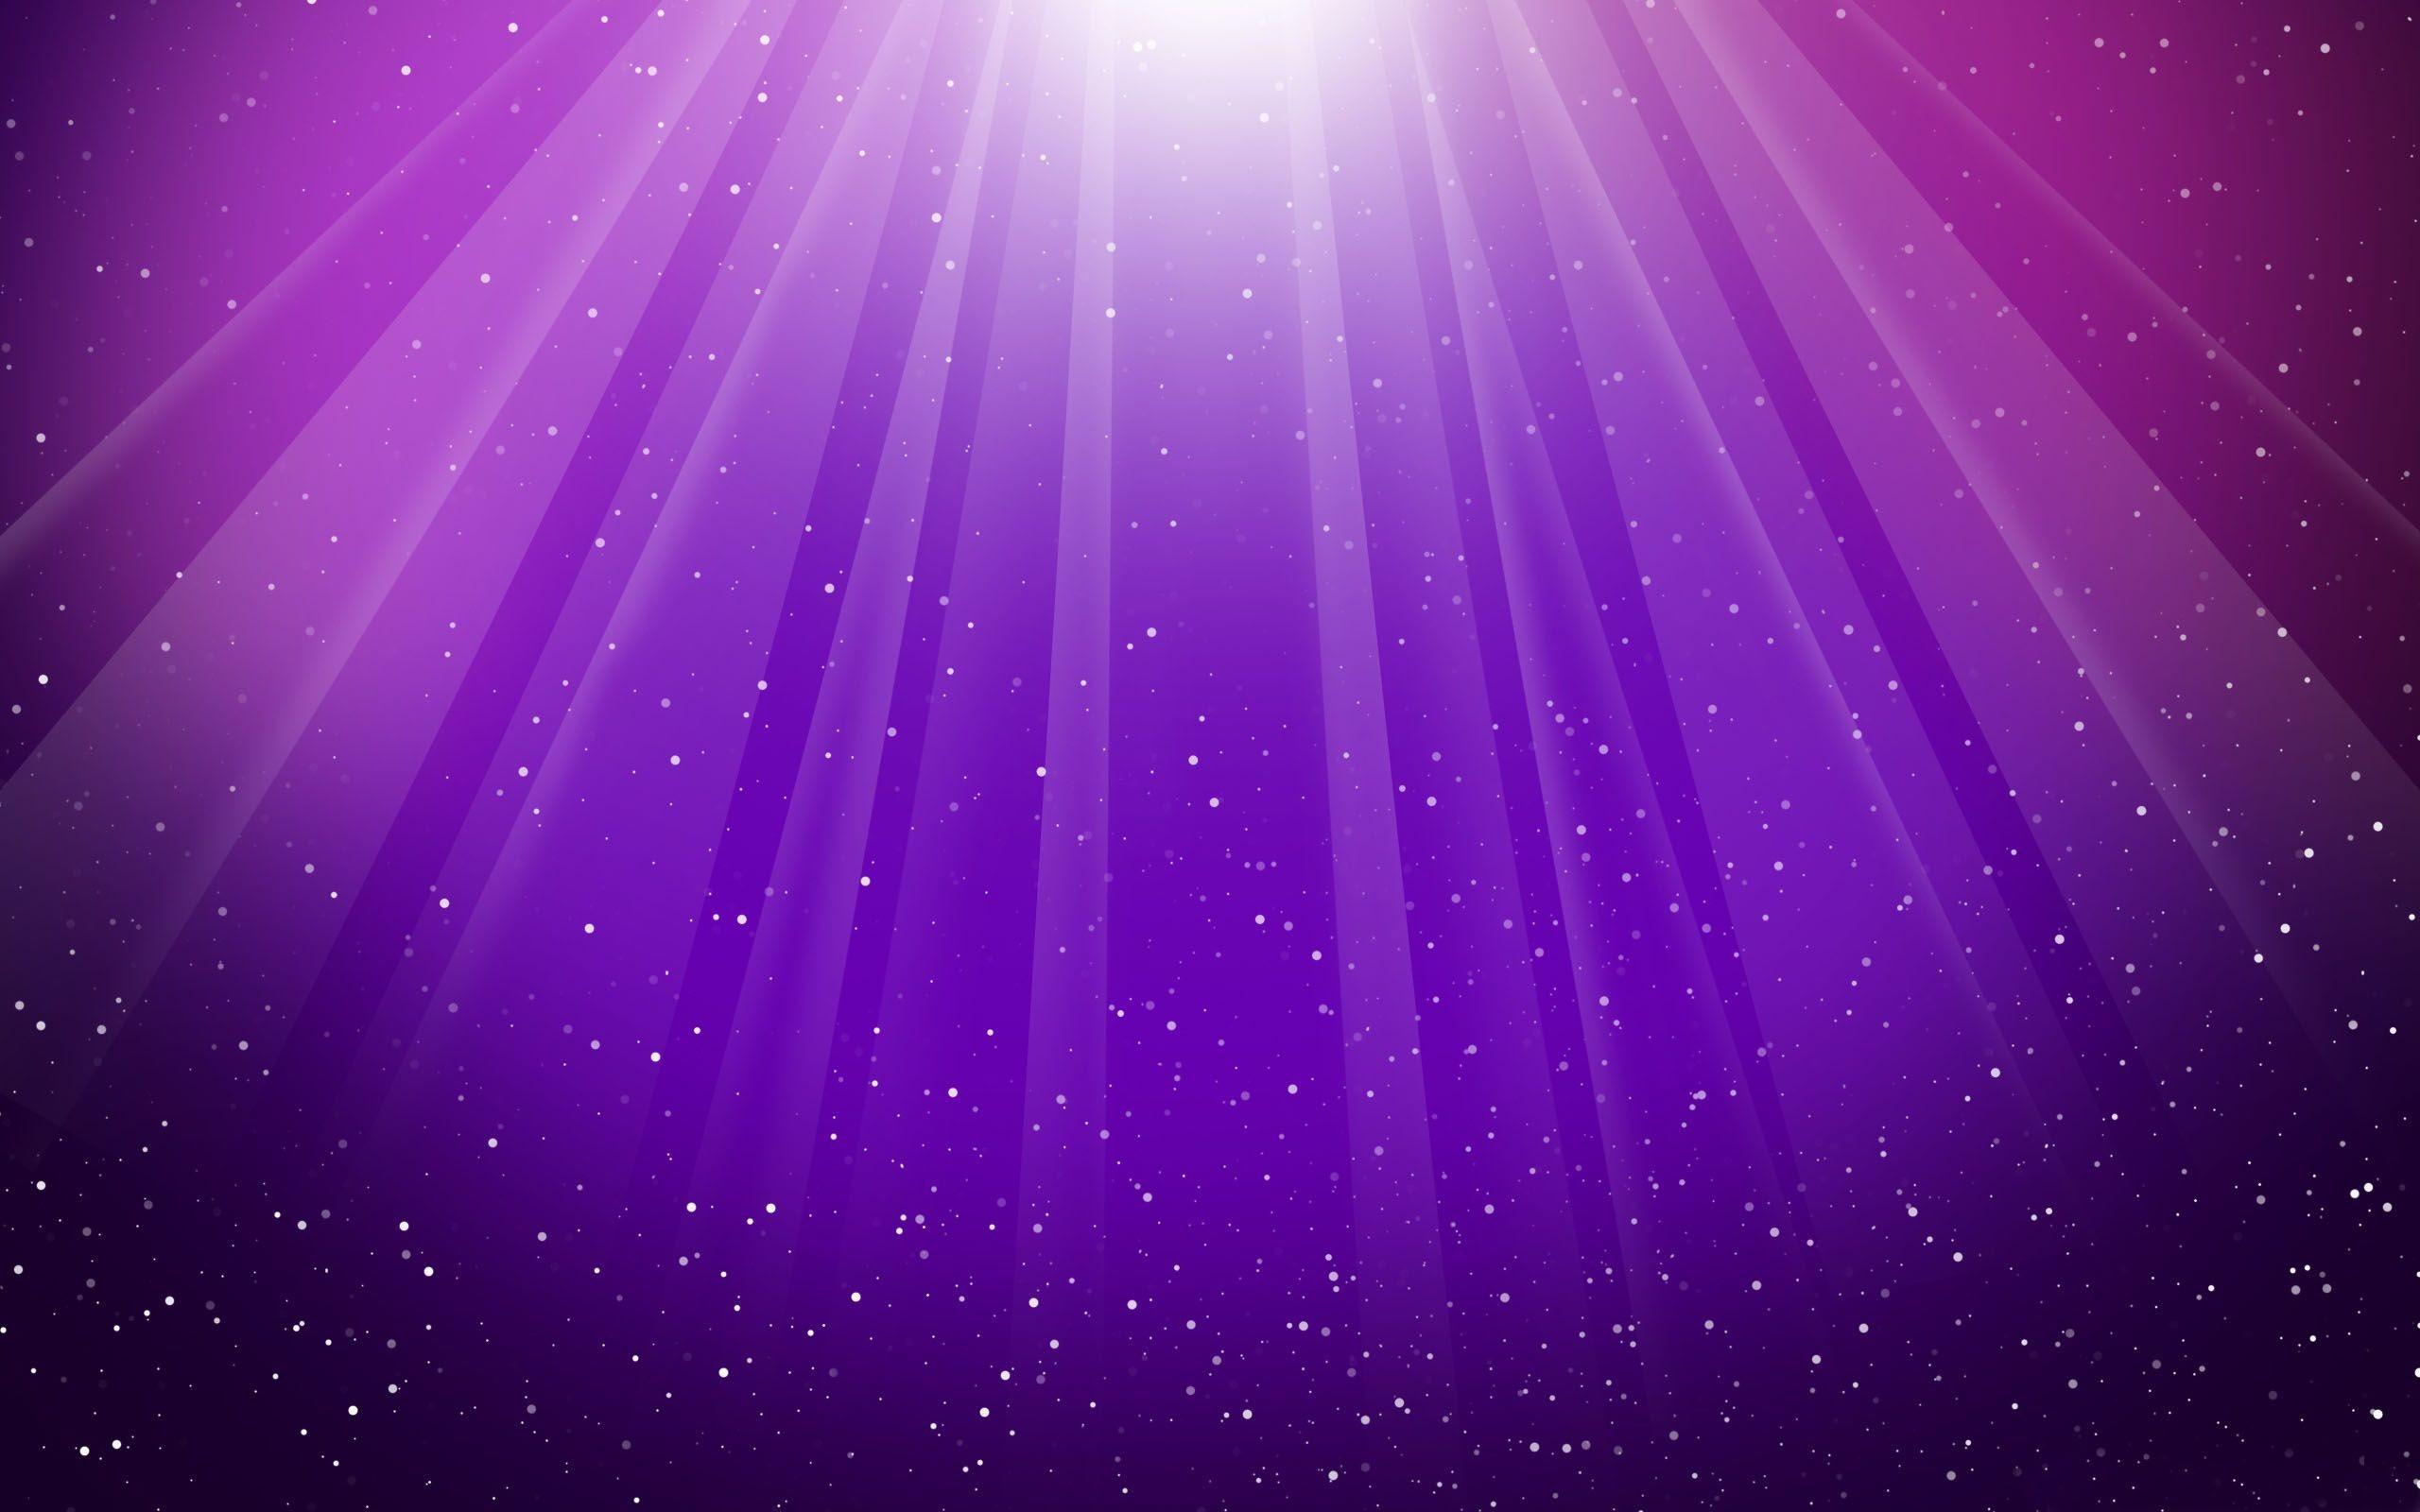 purple   Purple Wallpaper Pattern   wallpaper, wallpaper hd, background  desktop